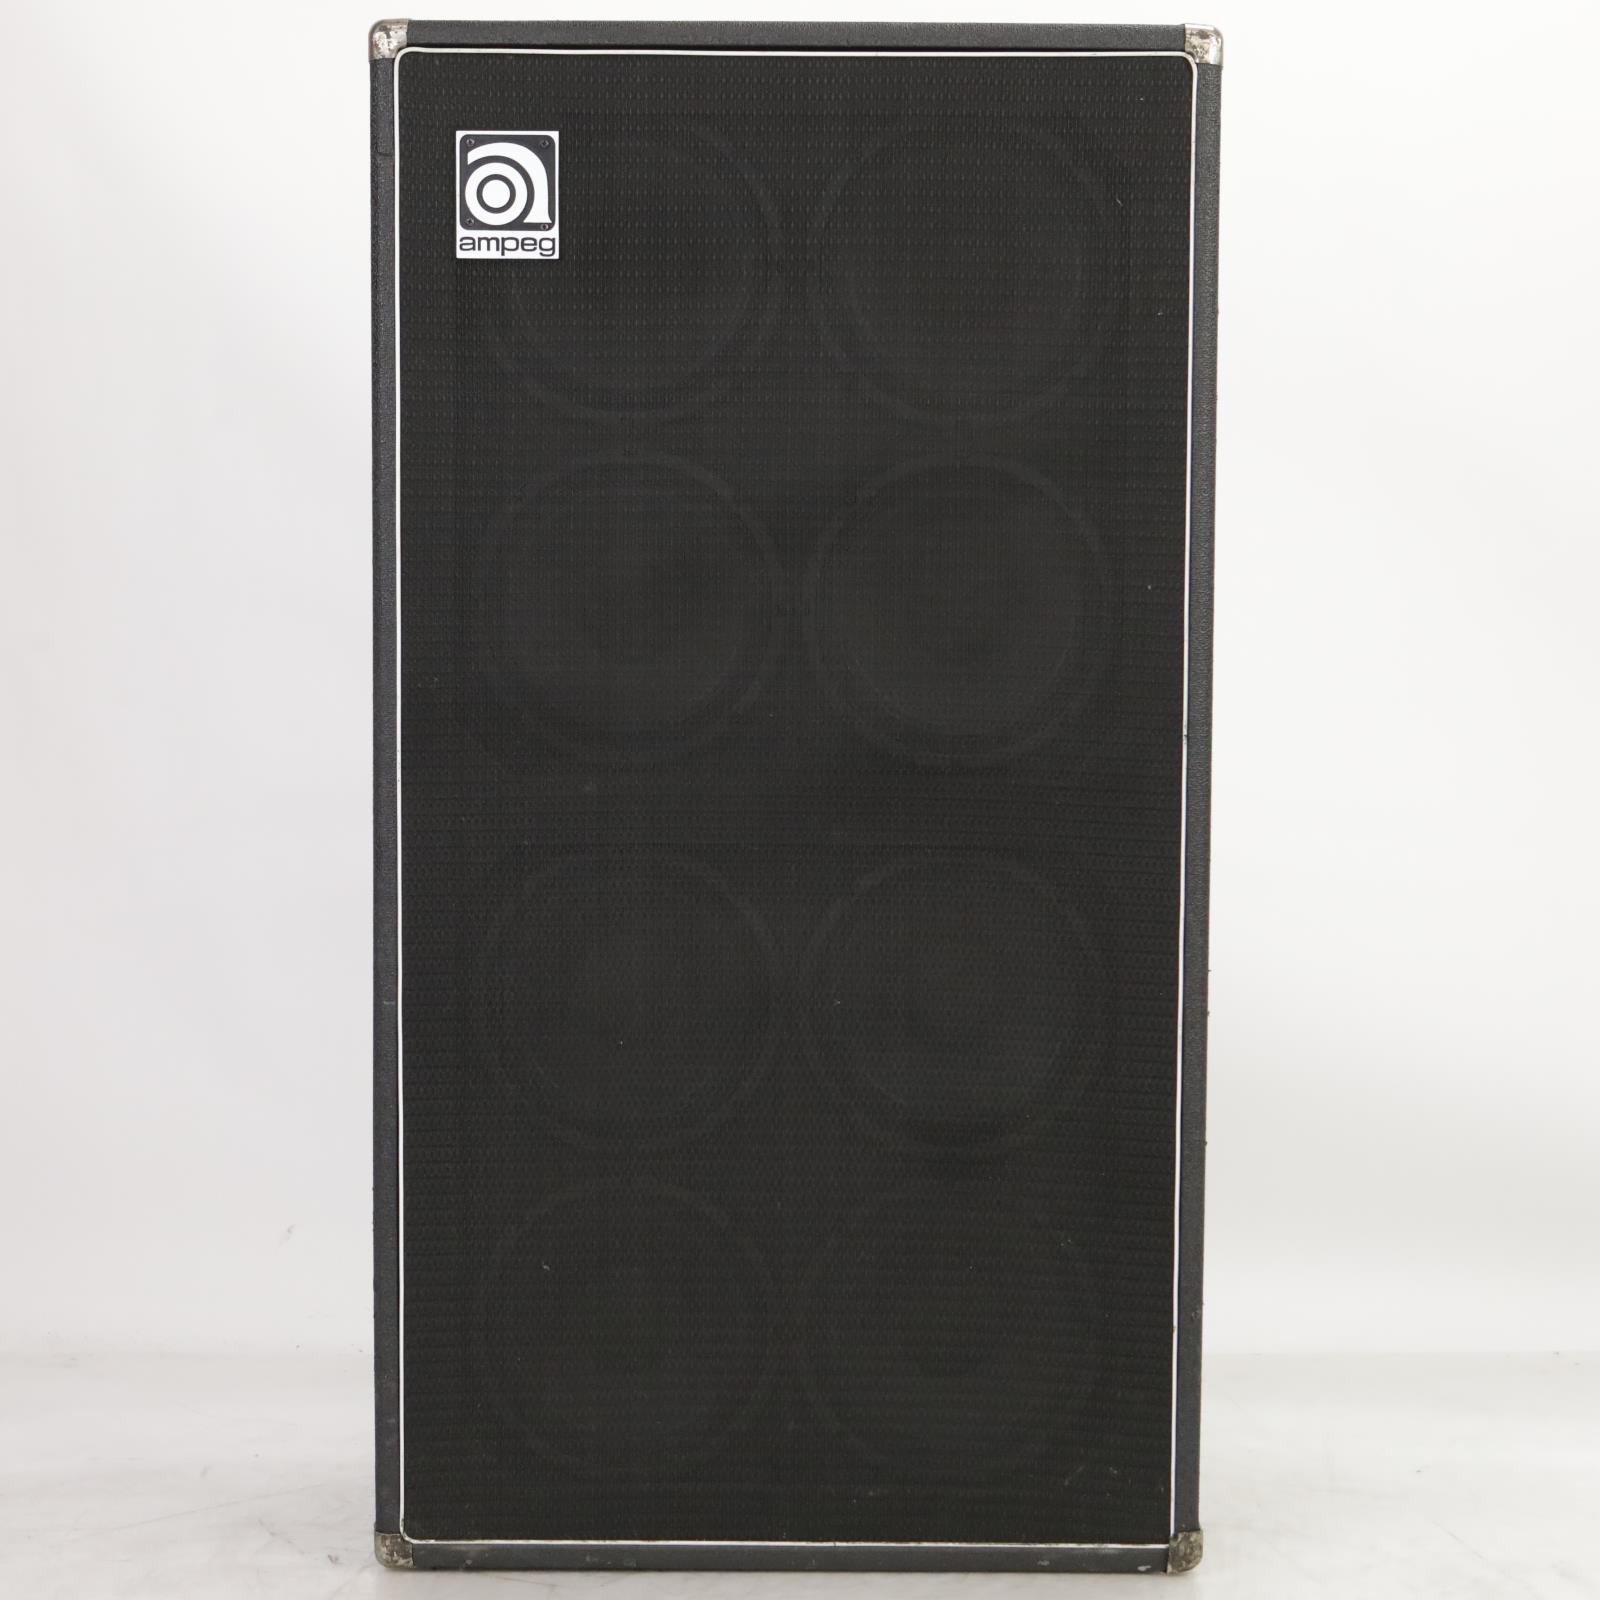 Ampeg USA SVT-810E Bass Speaker Cabinet 8x10 owned by Steve Stevens #37767